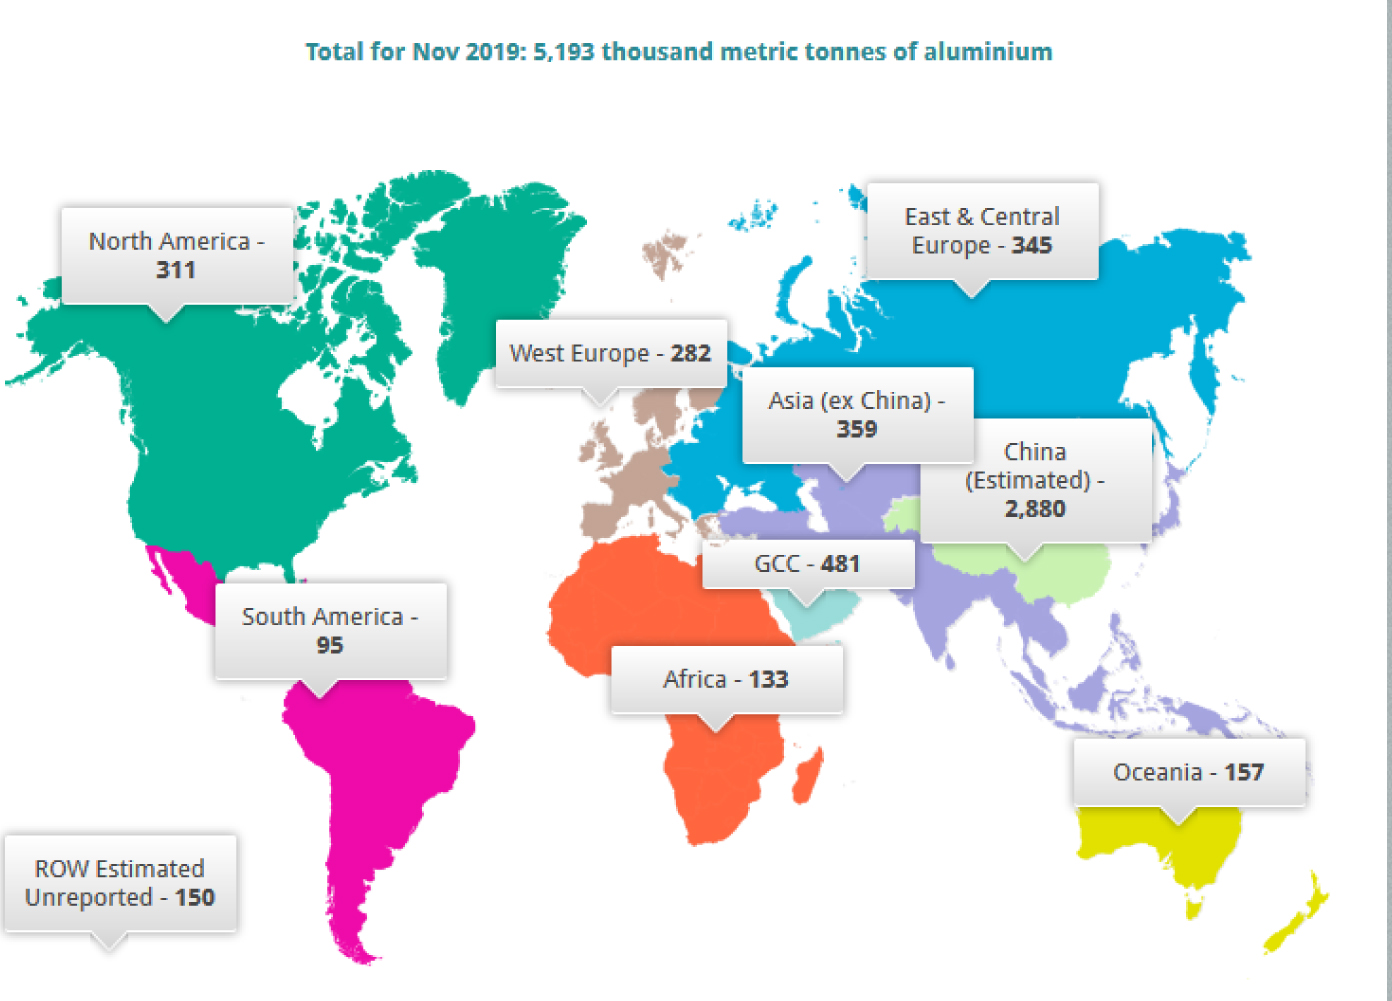 تولید جهانی آلومینیوم در ماه نوامبر